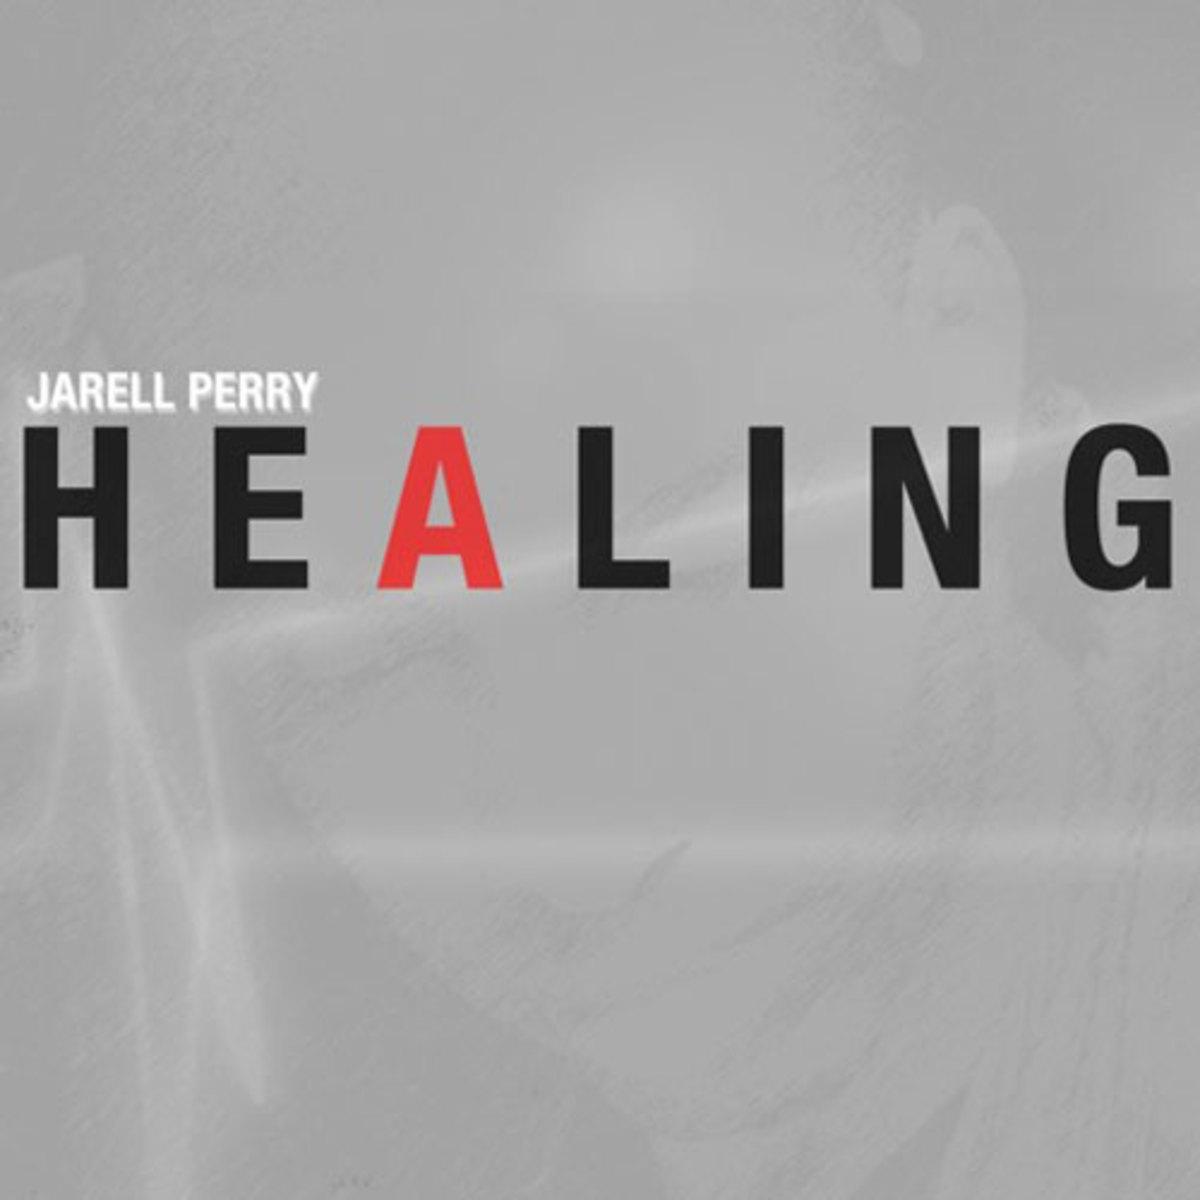 jarellperry-healing.jpg